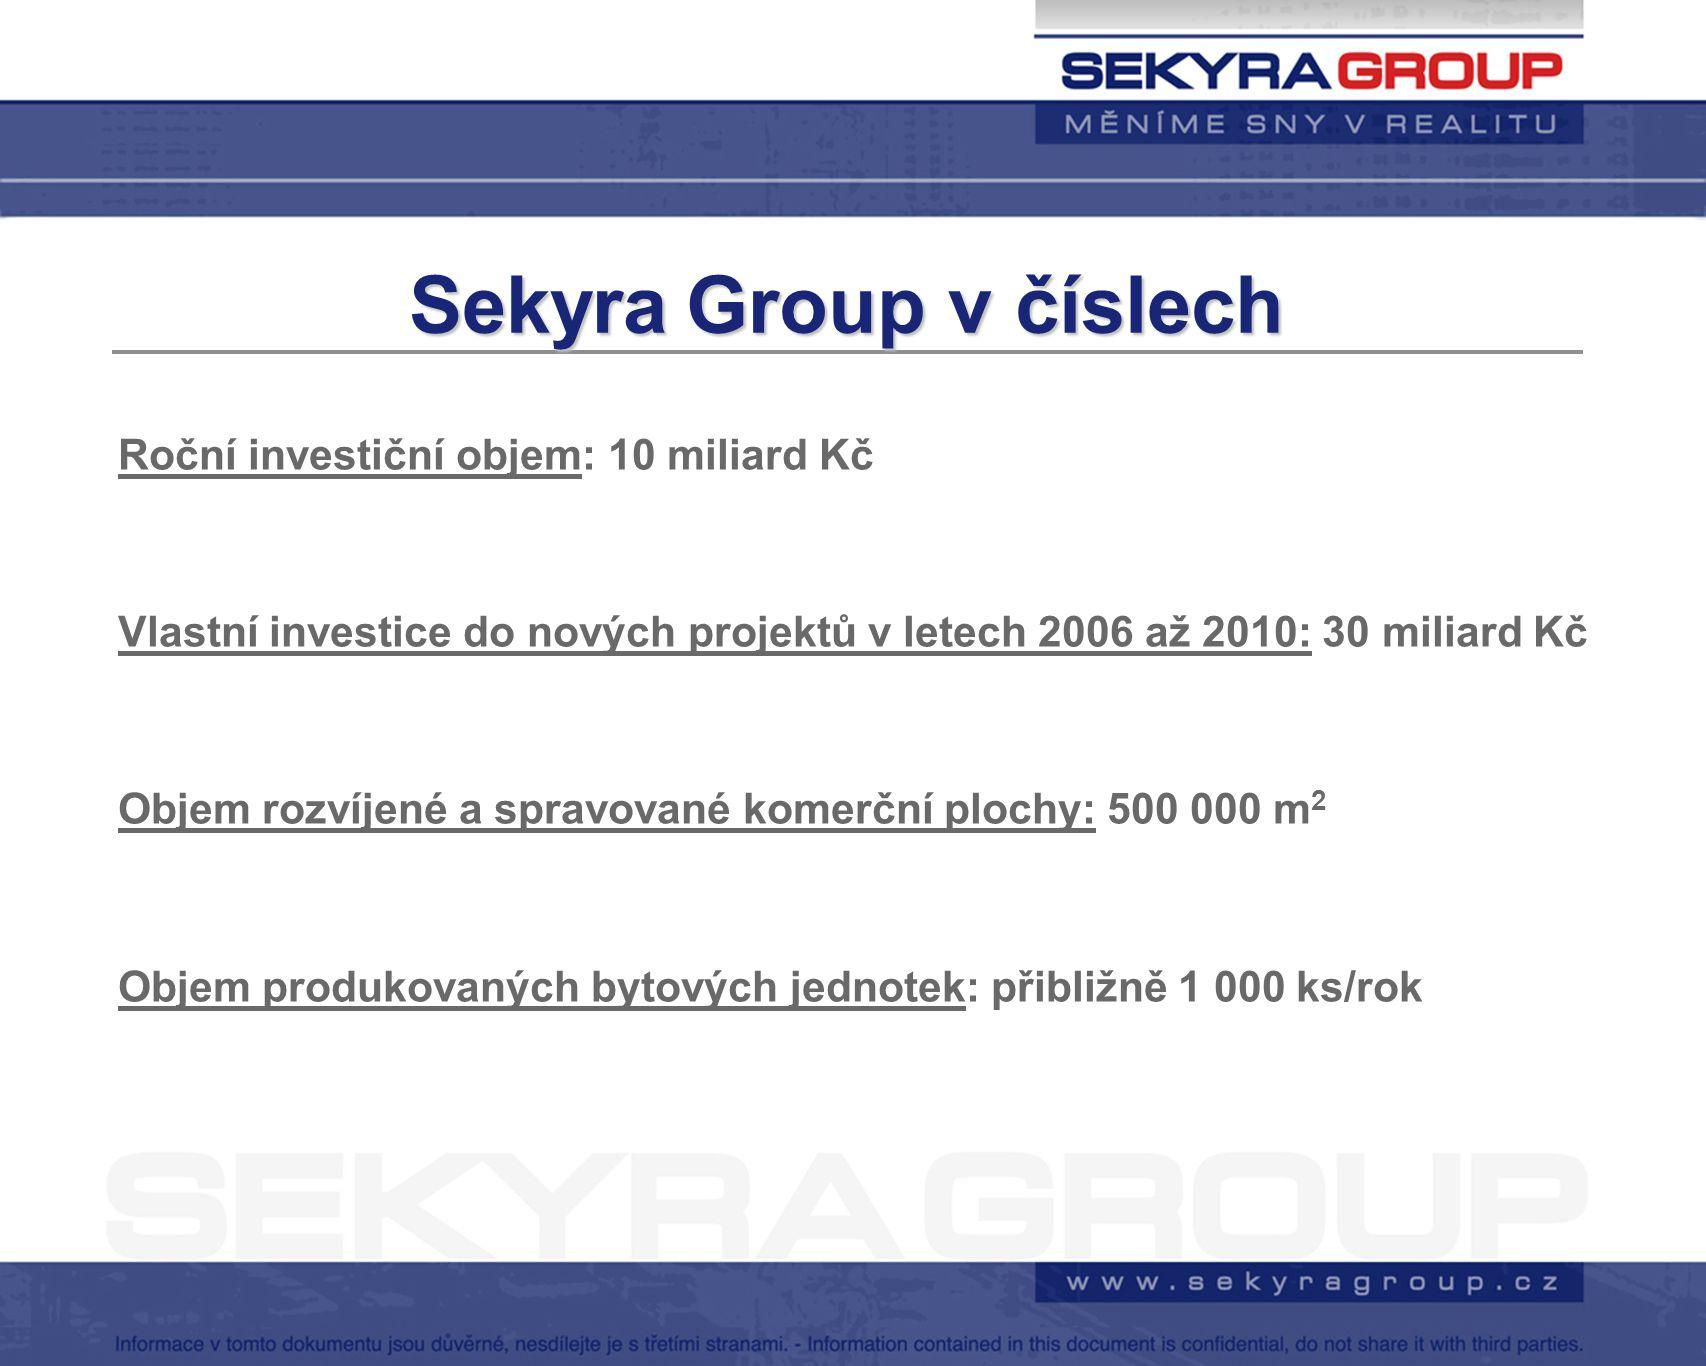 Sekyra Group v číslech Roční investiční objem: 10 miliard Kč Vlastní investice do nových projektů v letech 2006 až 2010: 30 miliard Kč Objem rozvíjené